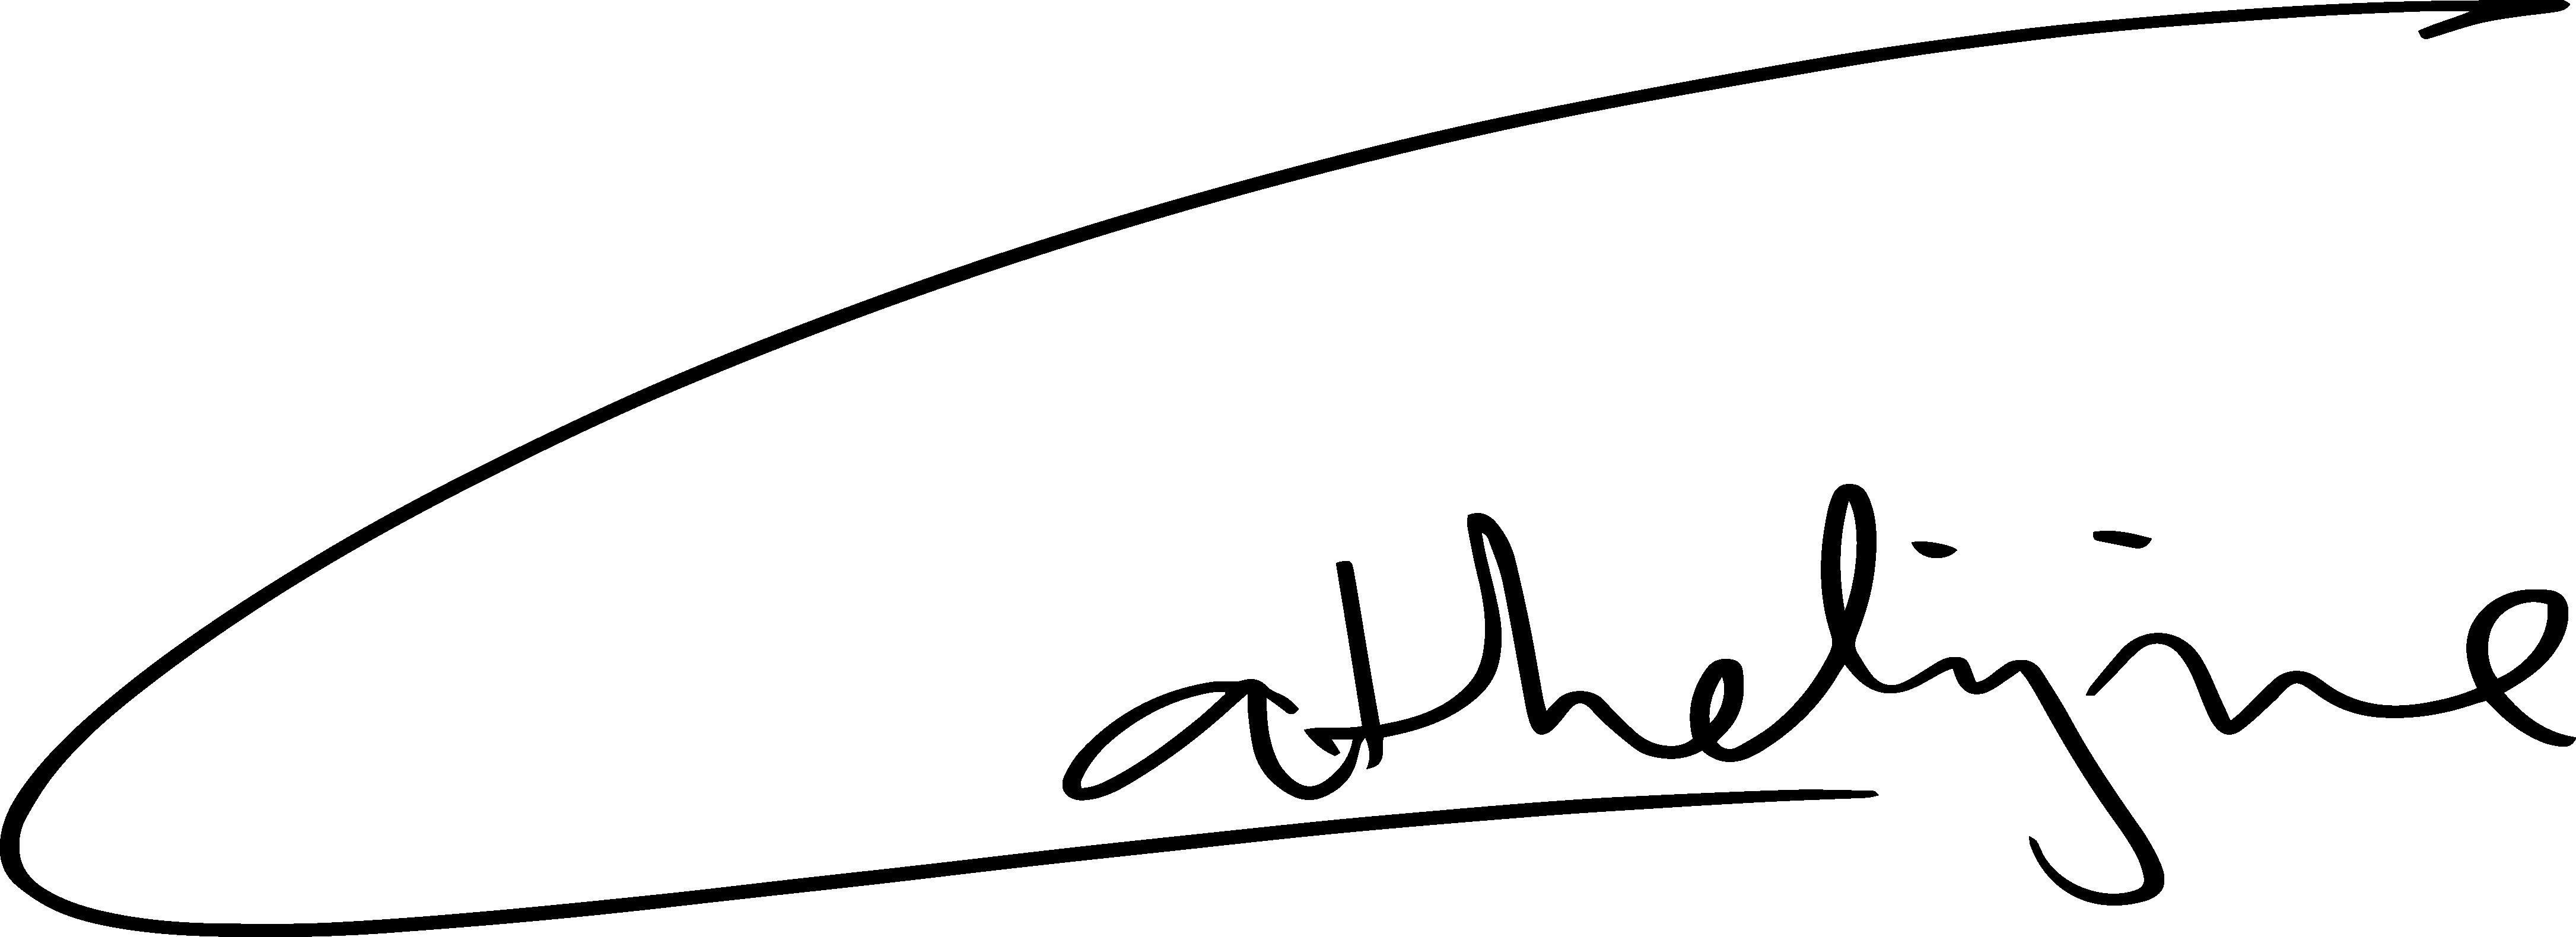 Cathelijne naam handgeschreven